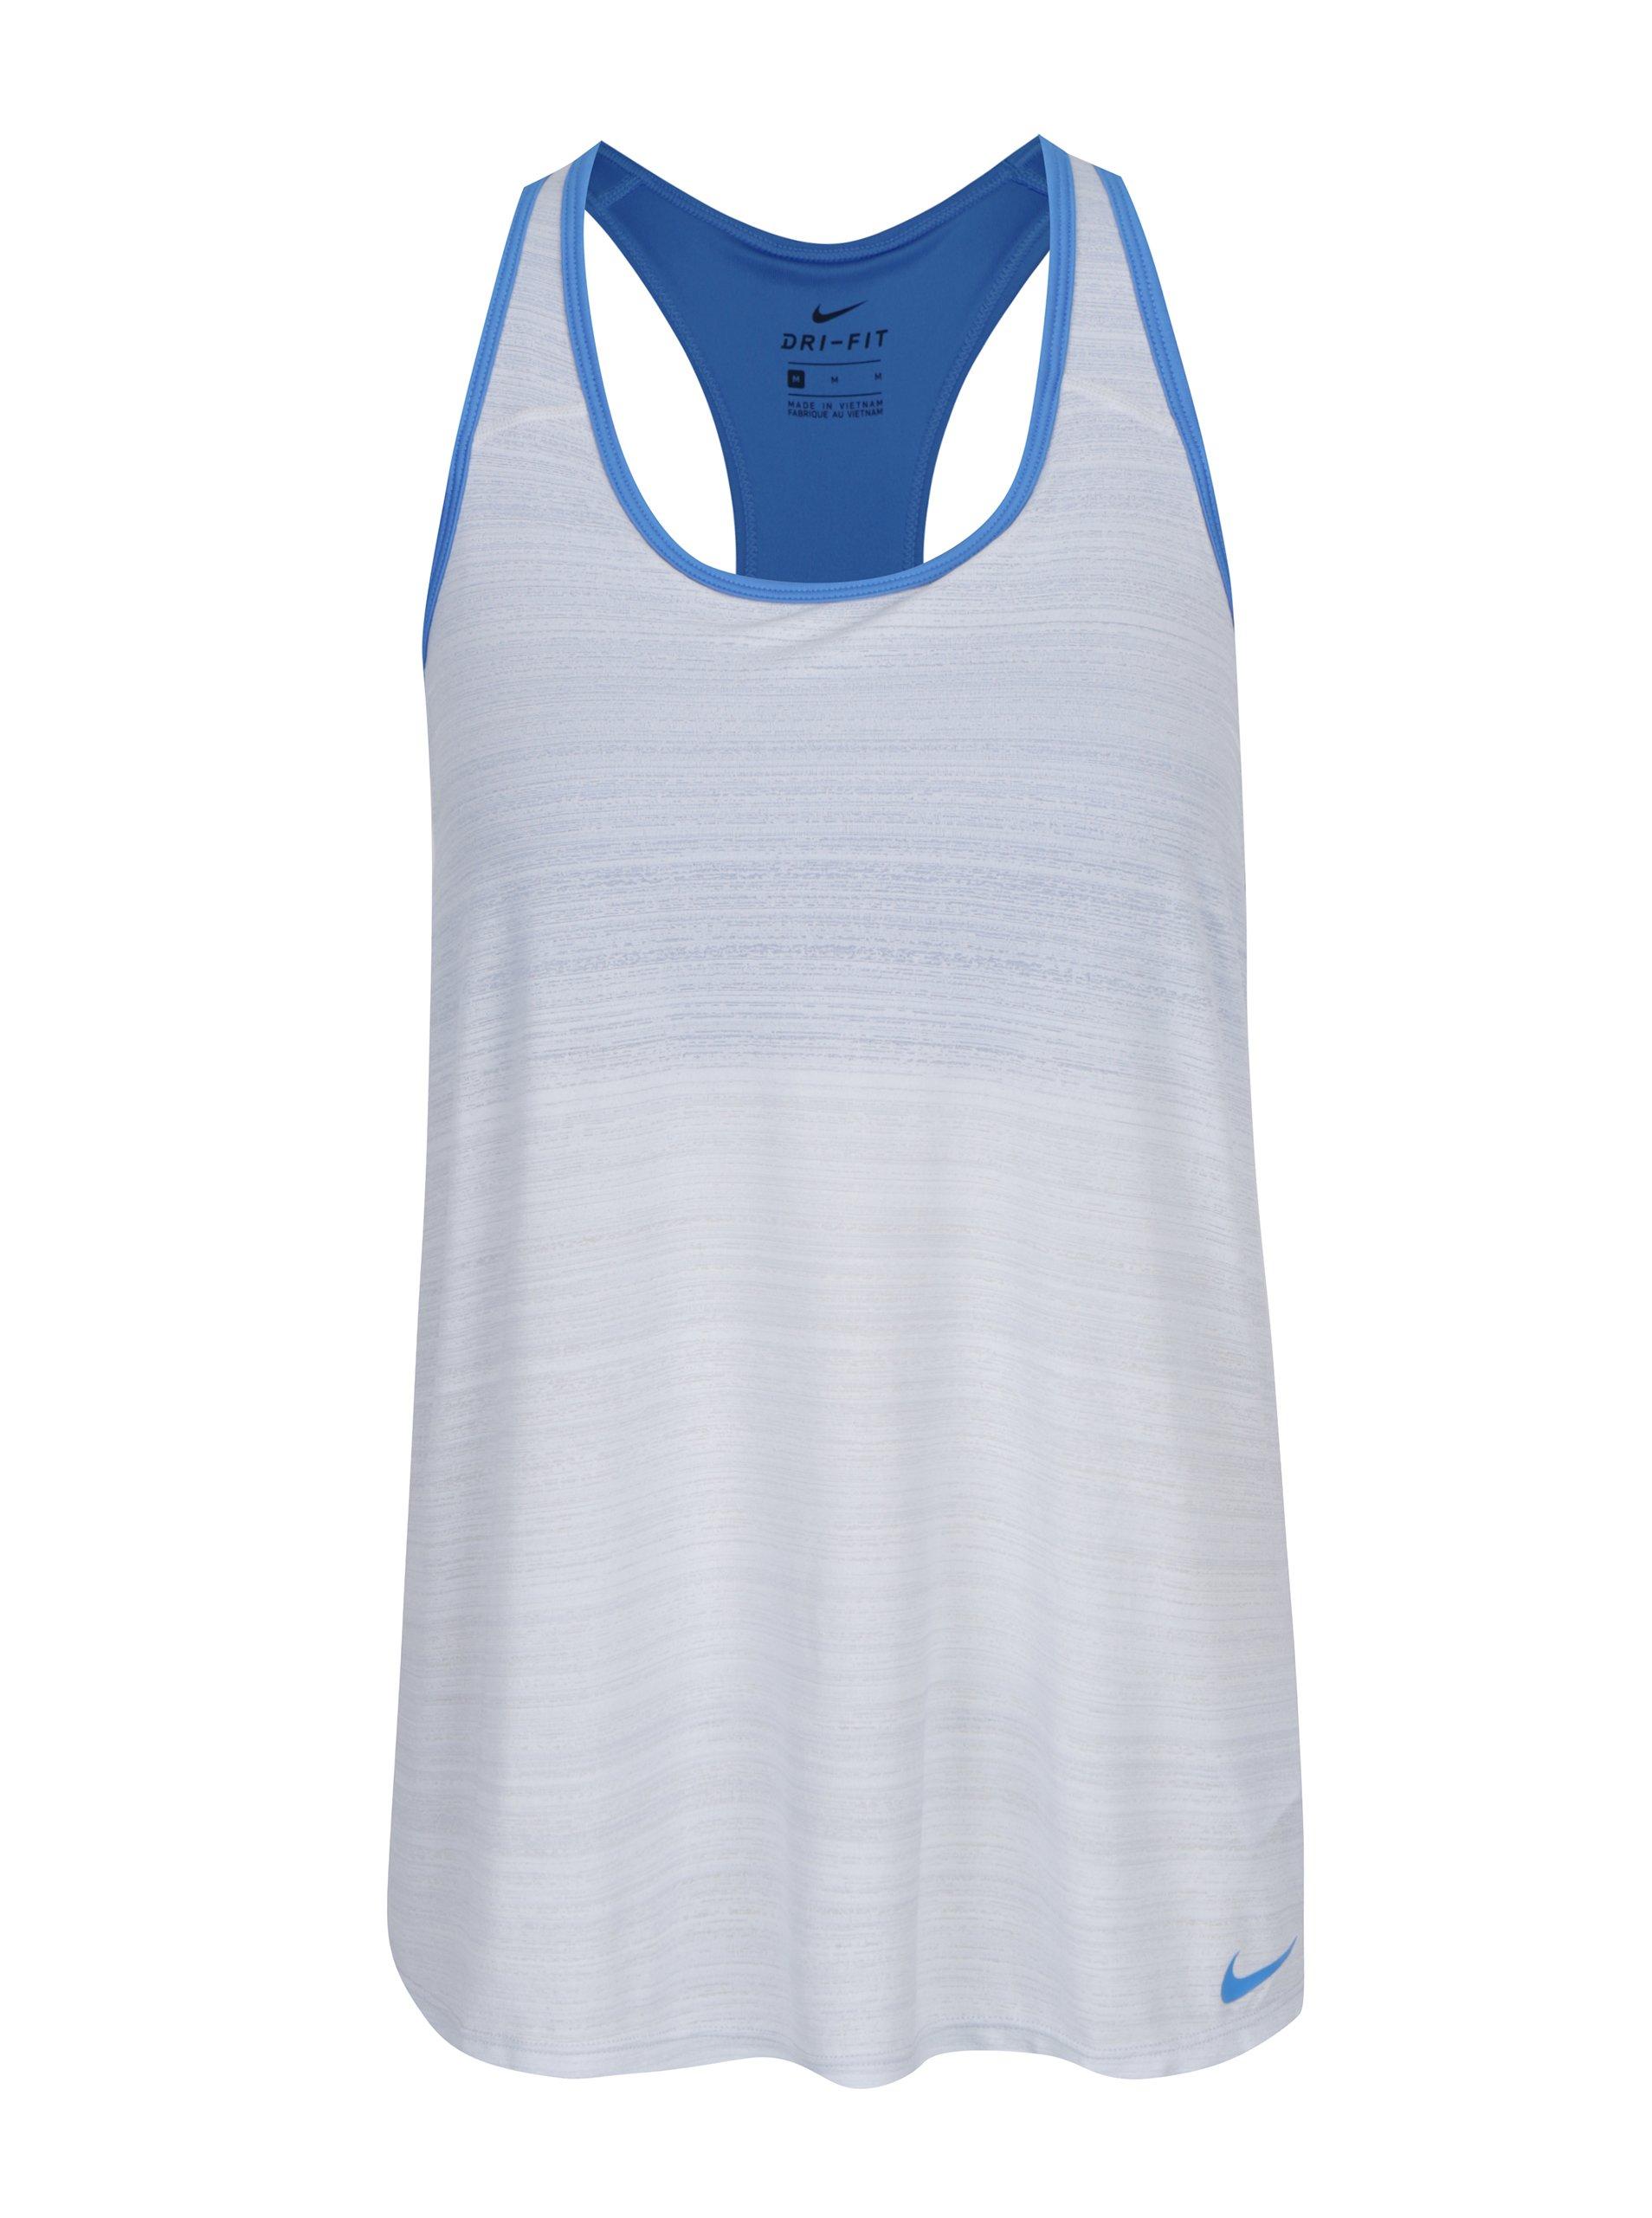 03938a158e8a Modro-krémové dámske funkčné tielko so všitou podprsenkou Nike